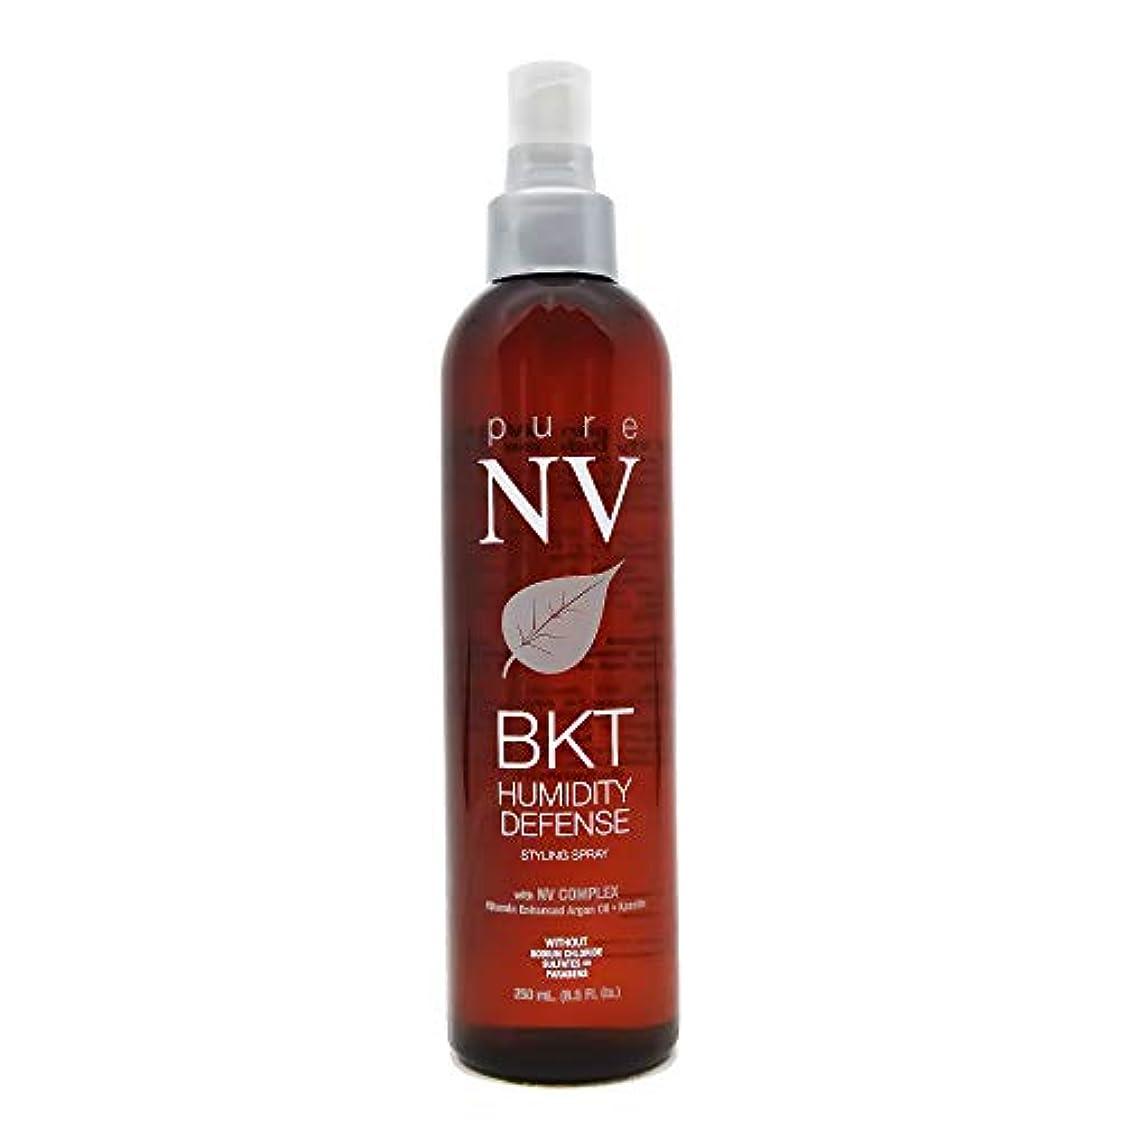 豆腐外側力強いPure NV BKT 湿度防衛スタイリングスプレー - 8.5オンス 8.5オンス